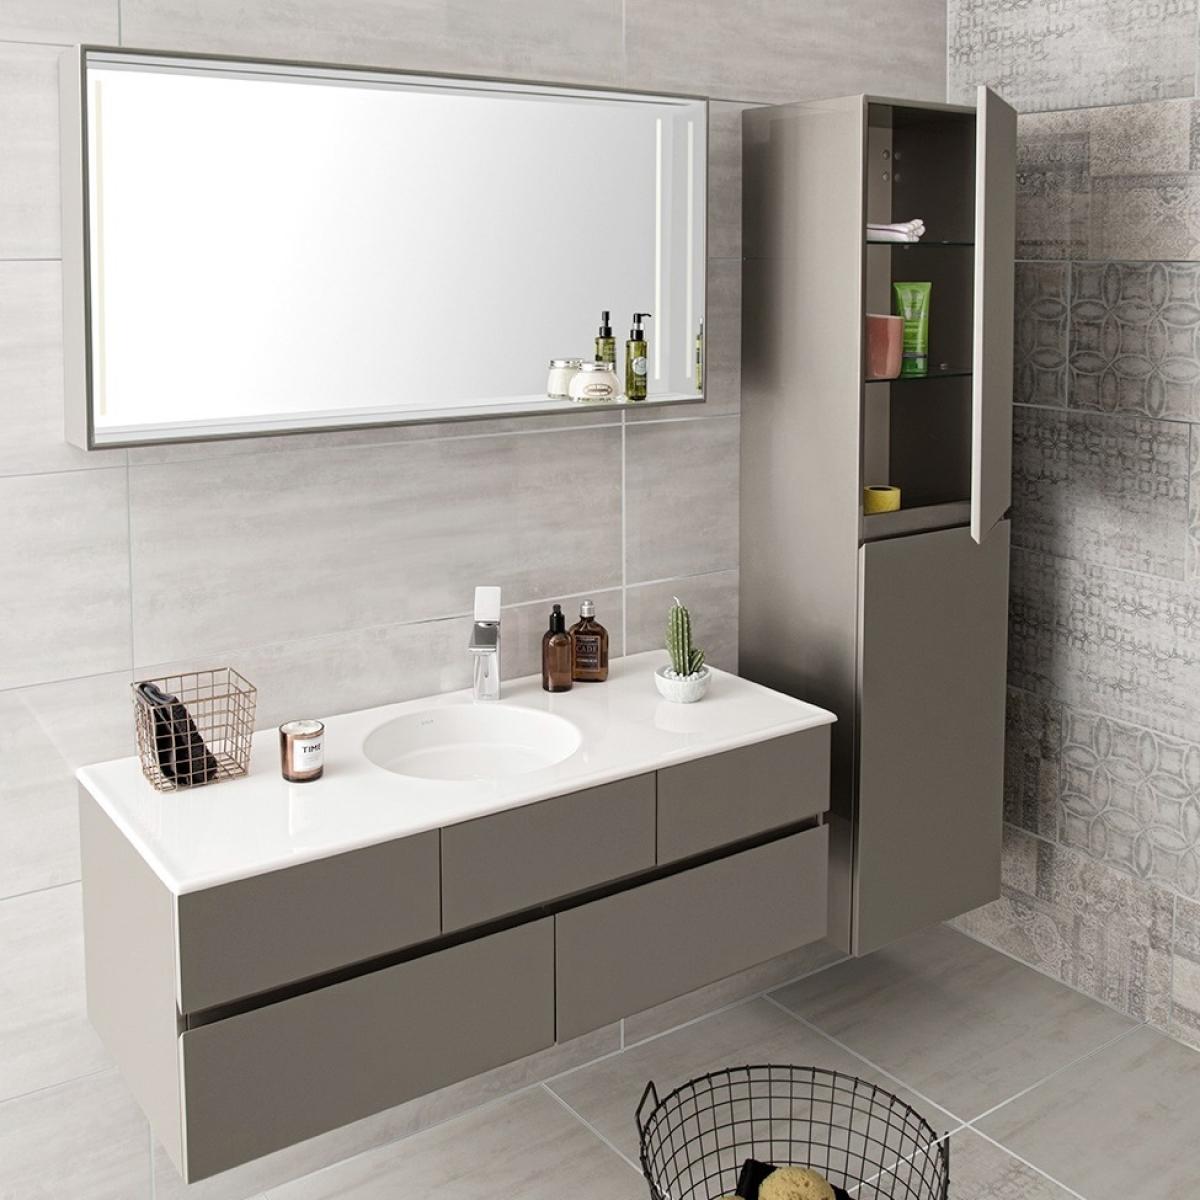 Vitra Memoria Vanity Unit, Circular Bowl, 1200mm : UK Bathrooms